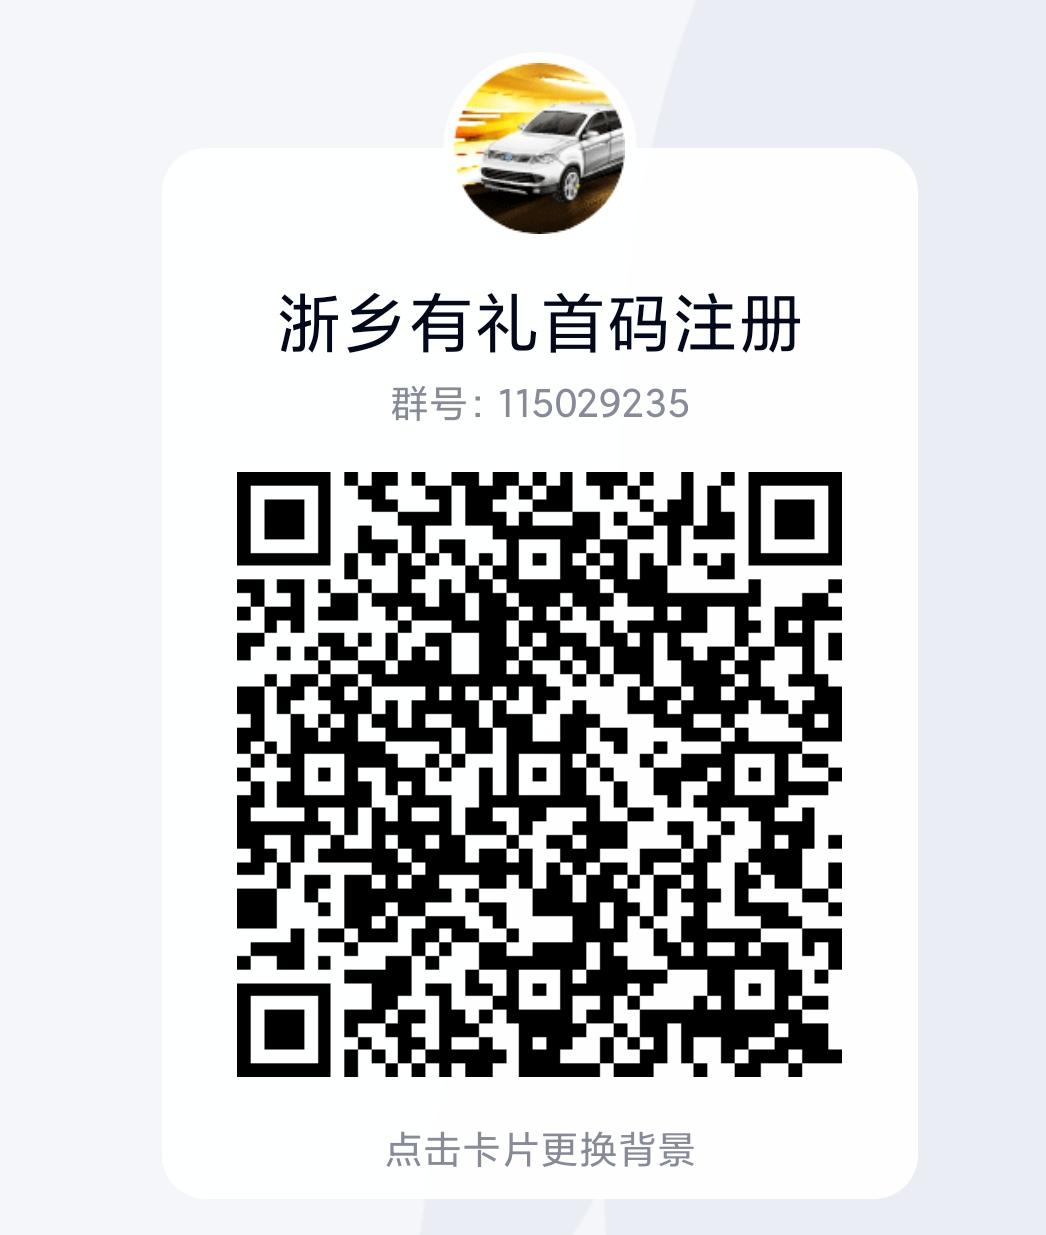 图片[6]-浙乡有礼拼团首码,全新模式撸红包拼团无压力-首码社